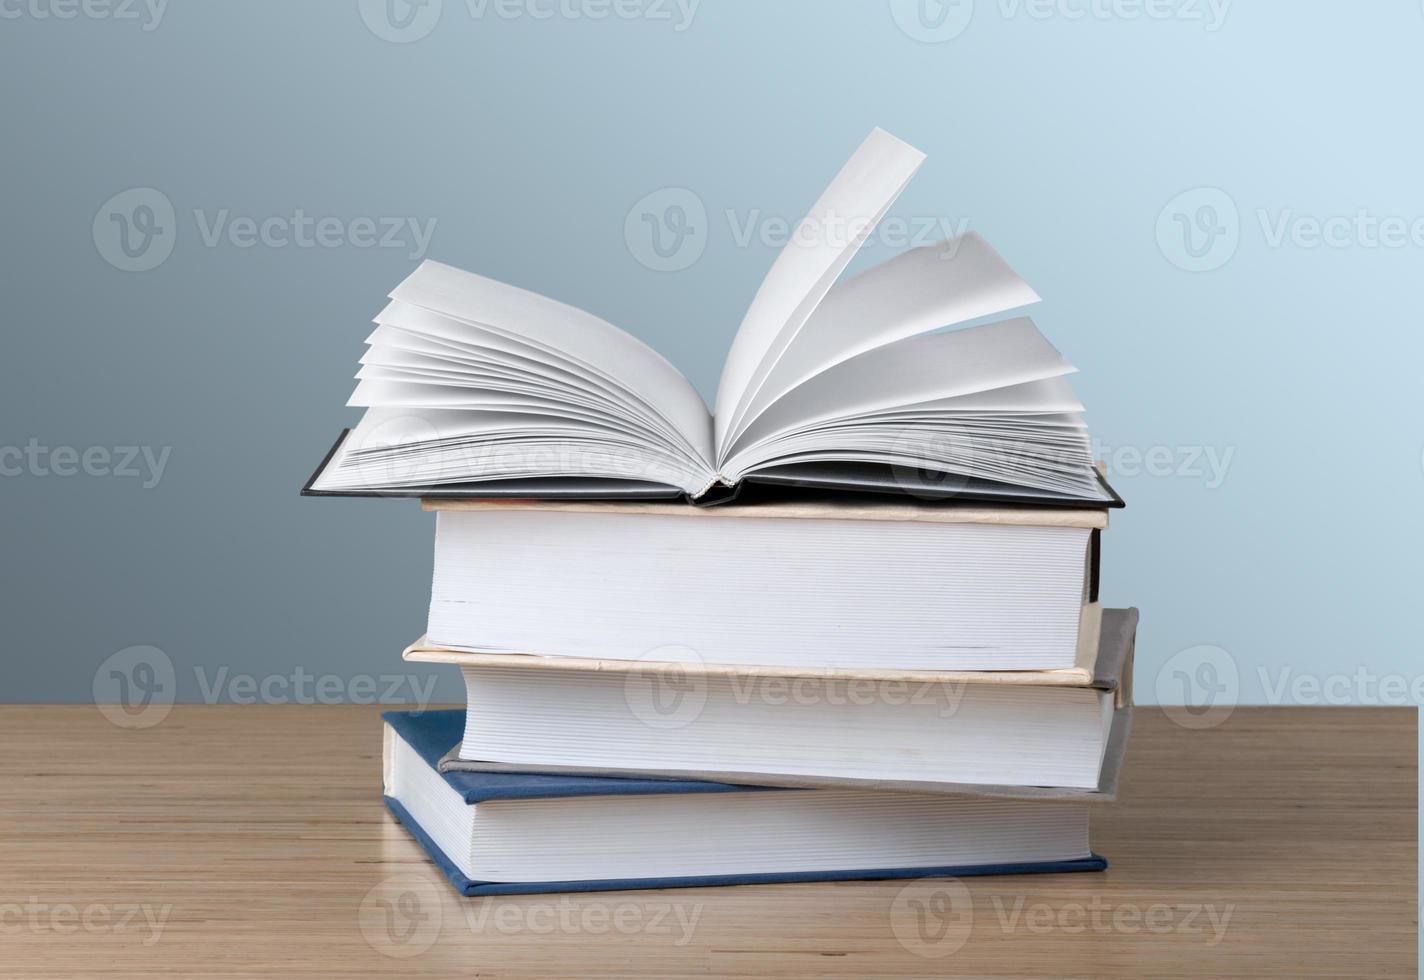 Buch. ein Stapel Bücher mit Bibliothek auf der Rückseite foto